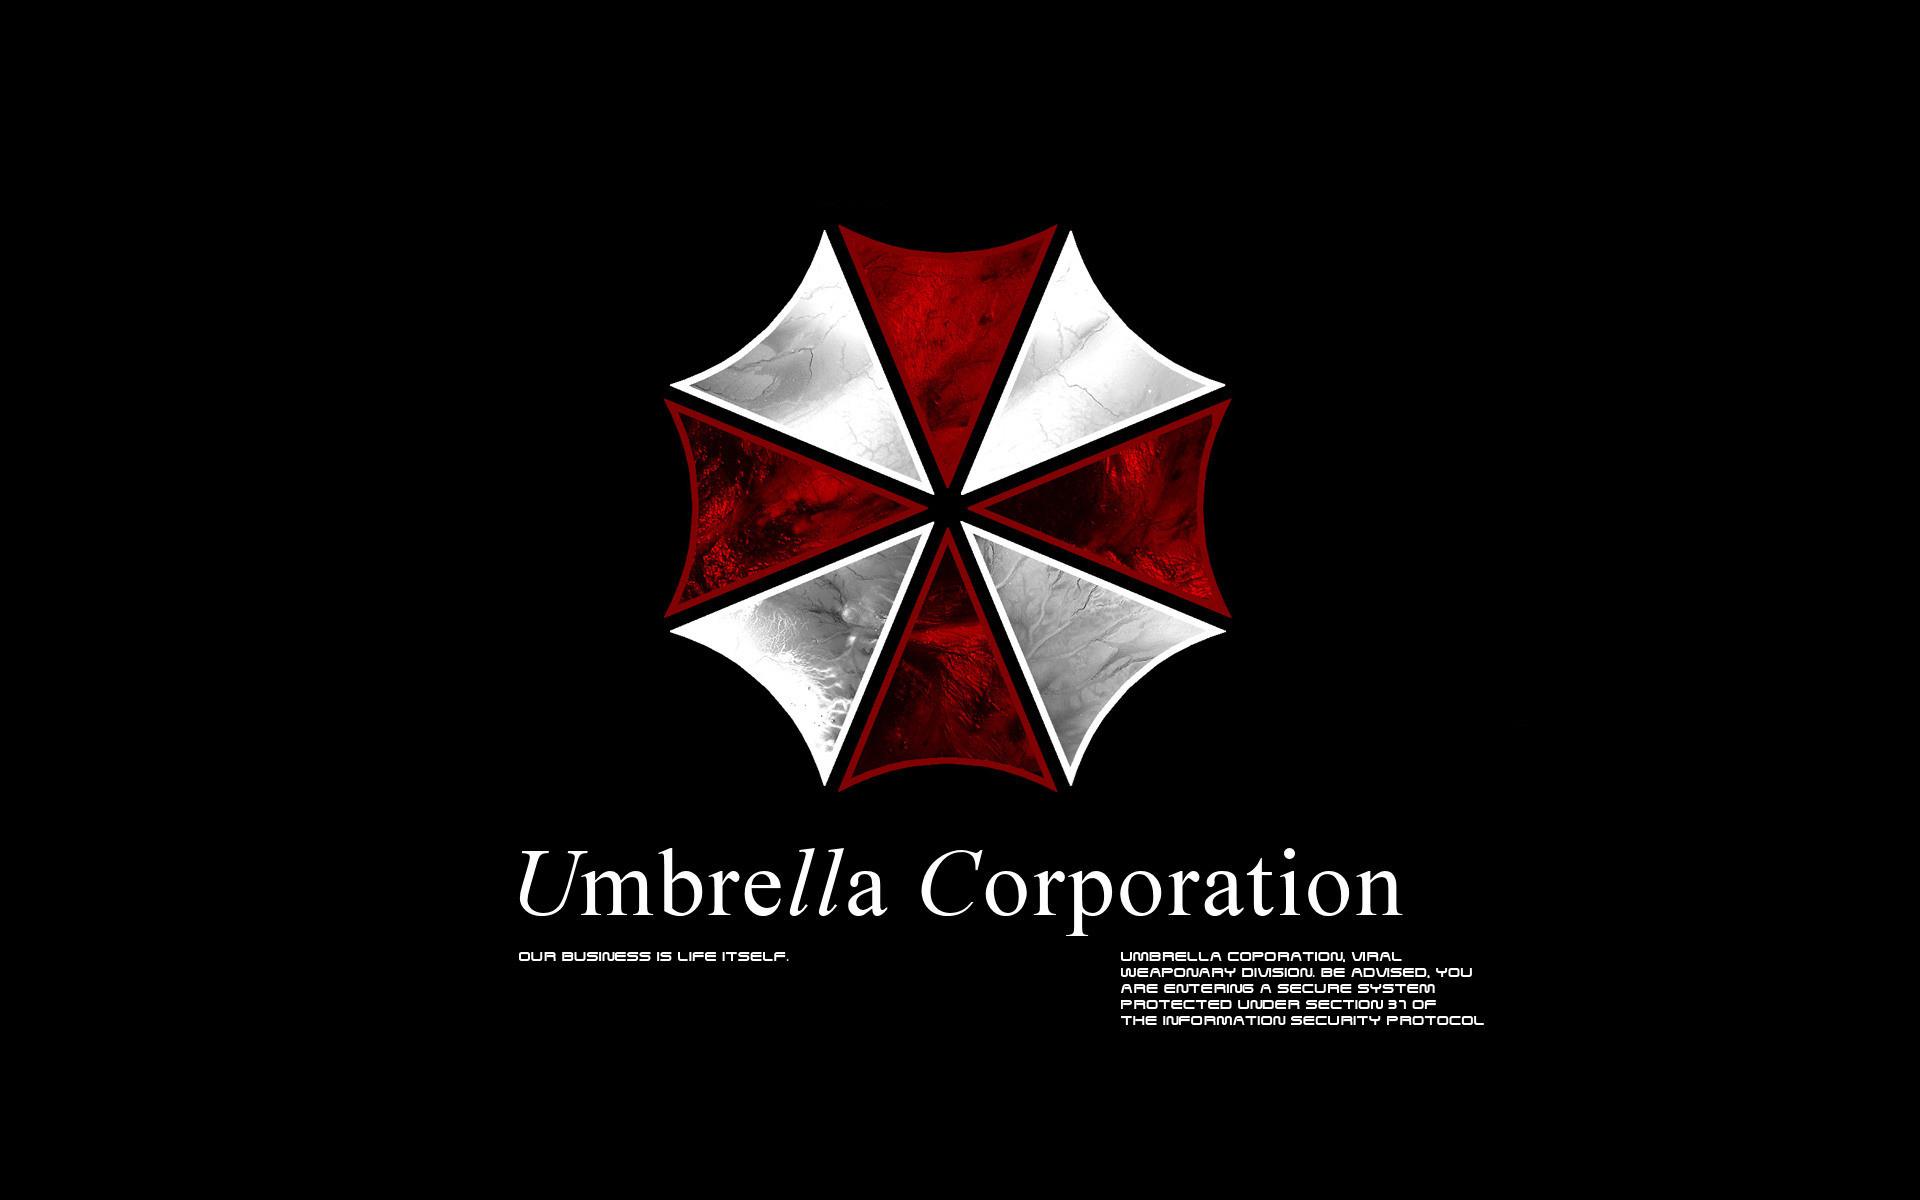 Umbrella Corp. desktop PC and Mac wallpaper